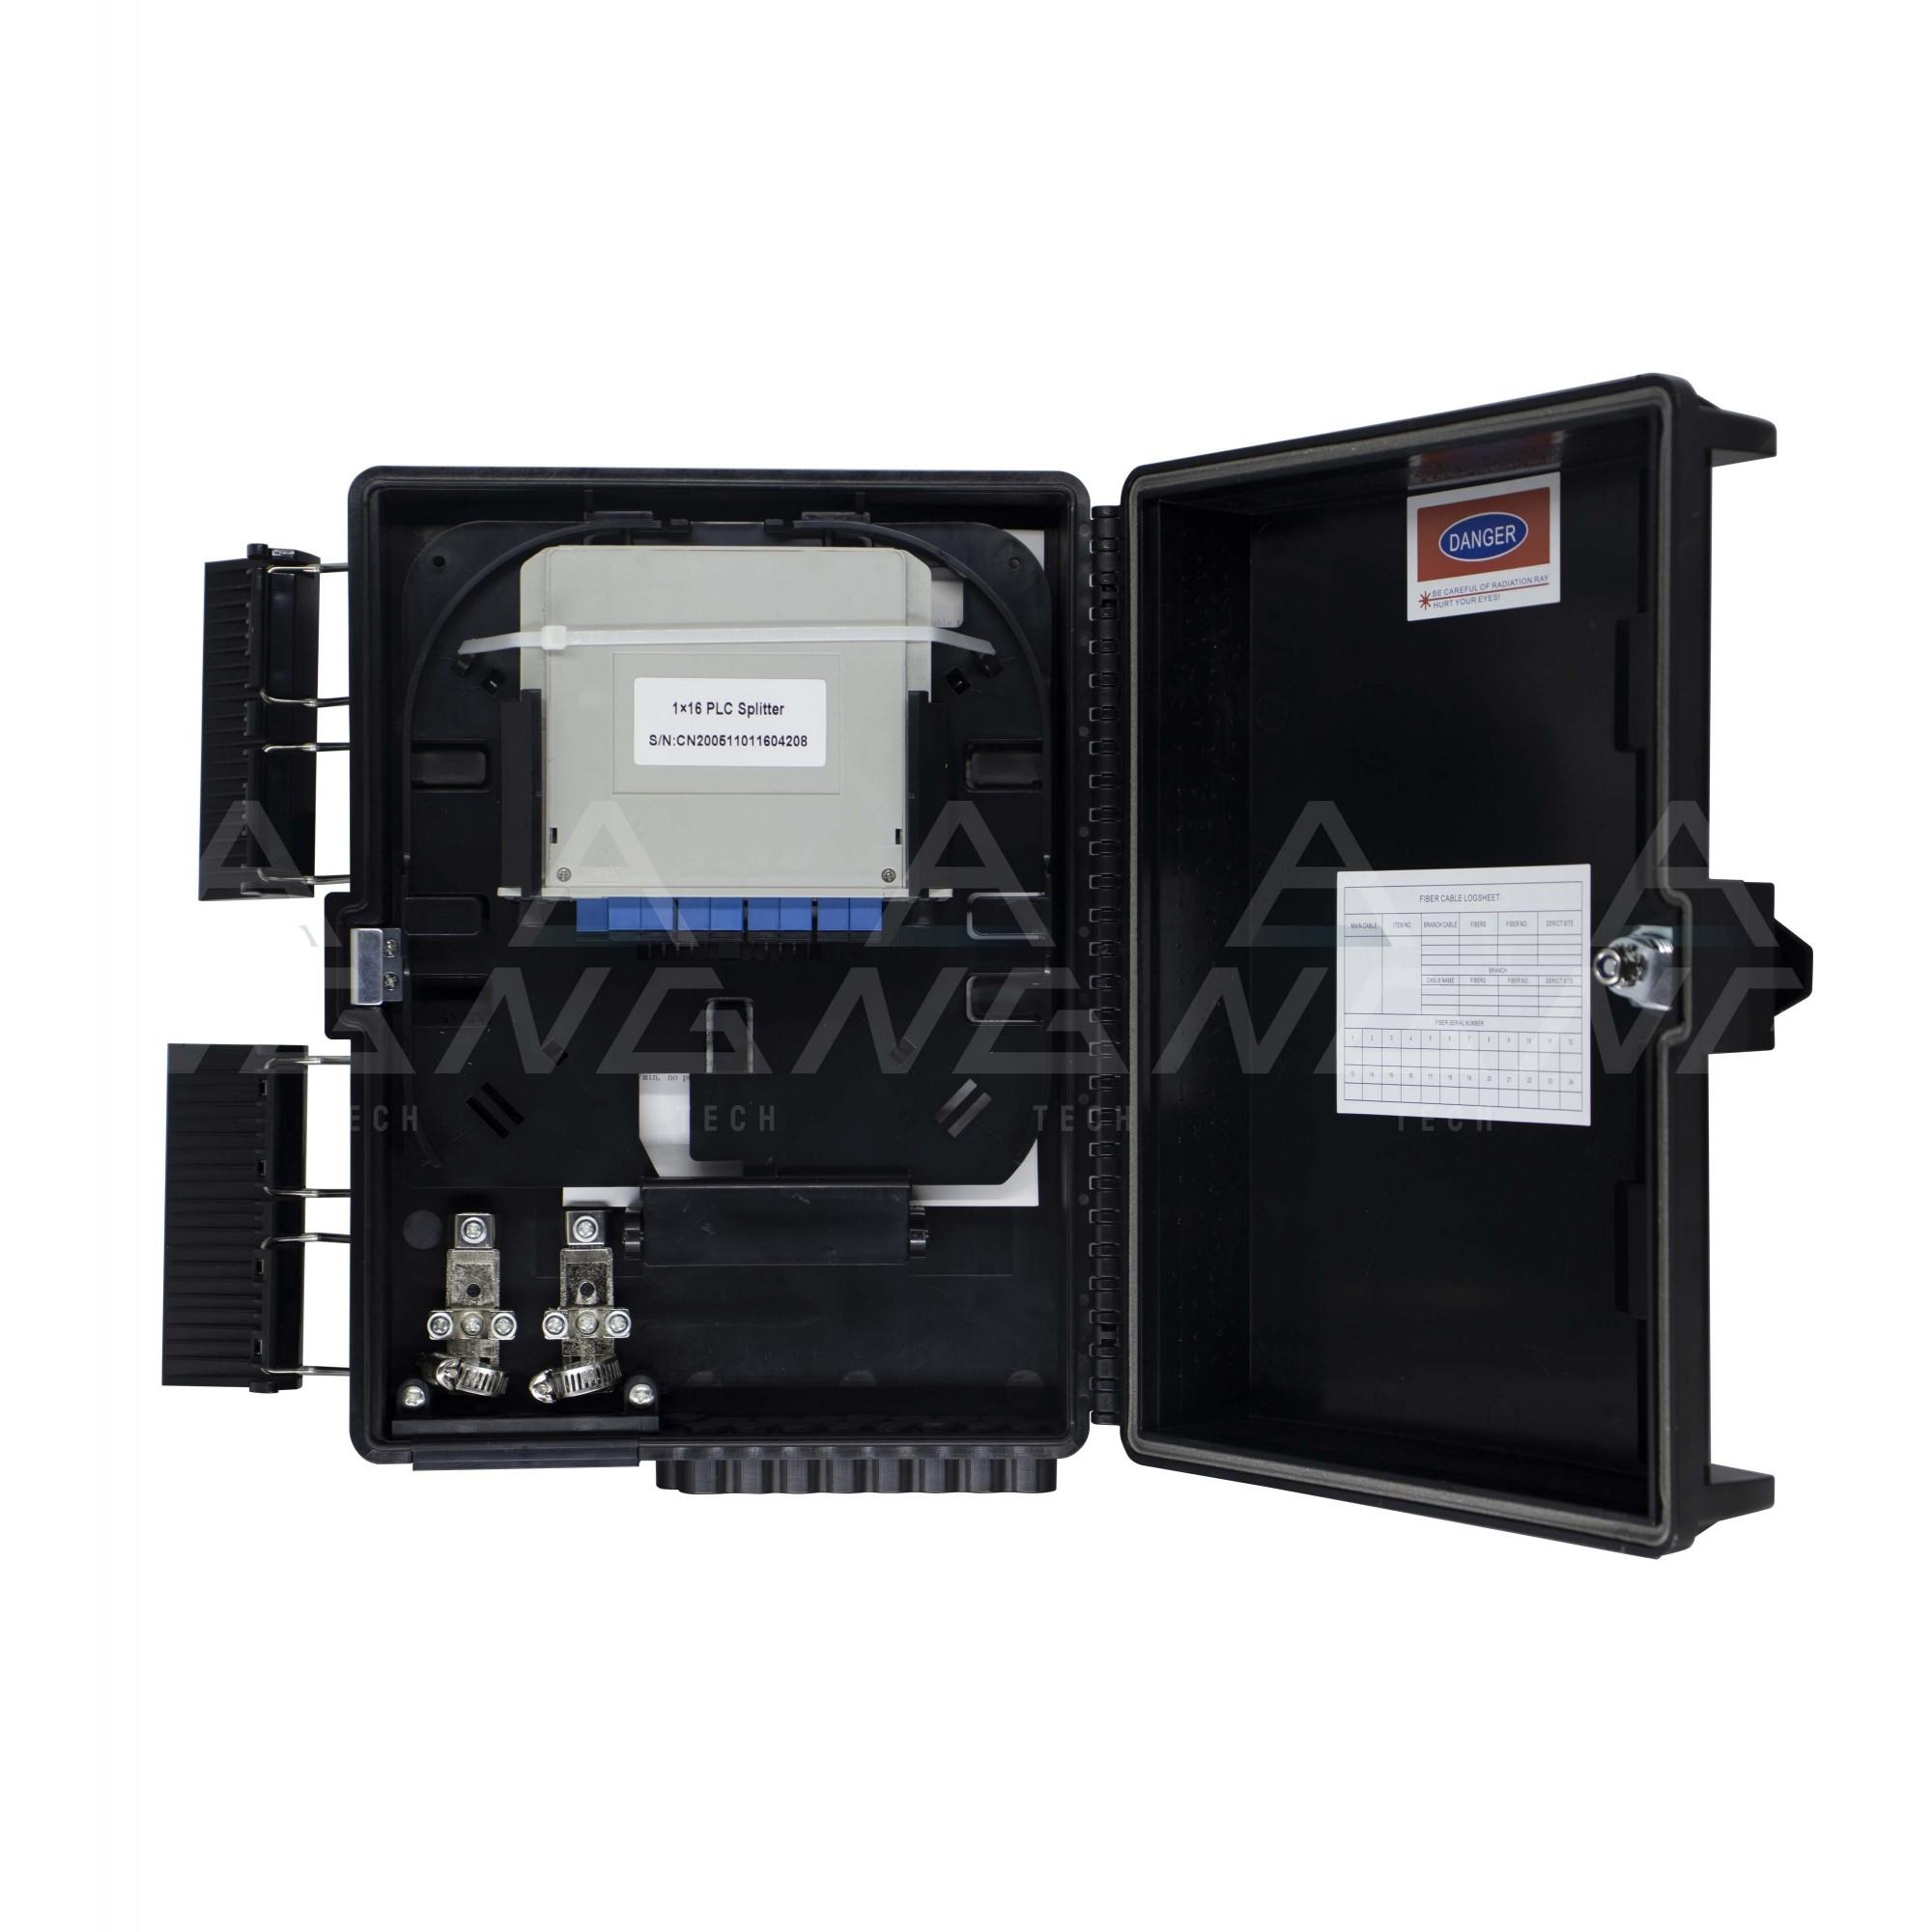 CTO Cassete 1x16 upc - Caixa de atendimento montada Modular com um splitter 1x16 sc/upc  e adaptadores